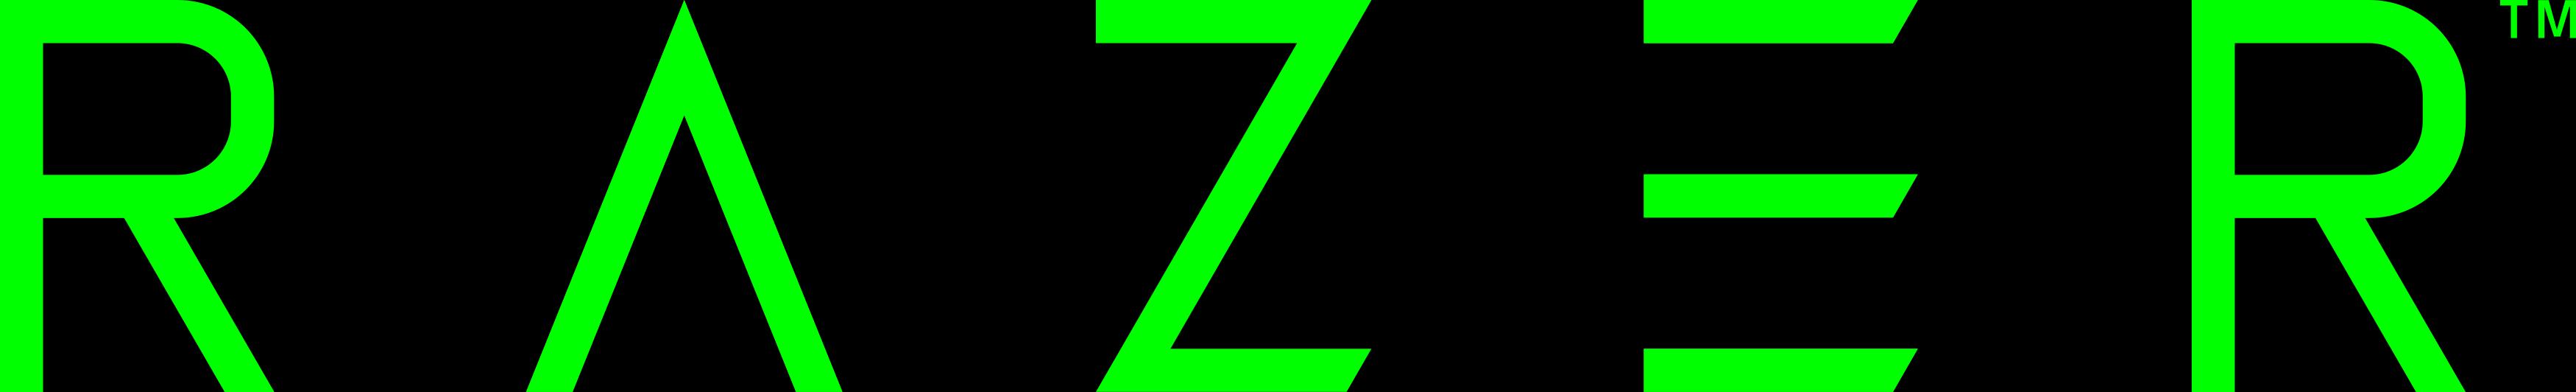 25b5ae693 razer-logo-2.png 30 de Janeiro de 2018 41 KB 3500 × 532